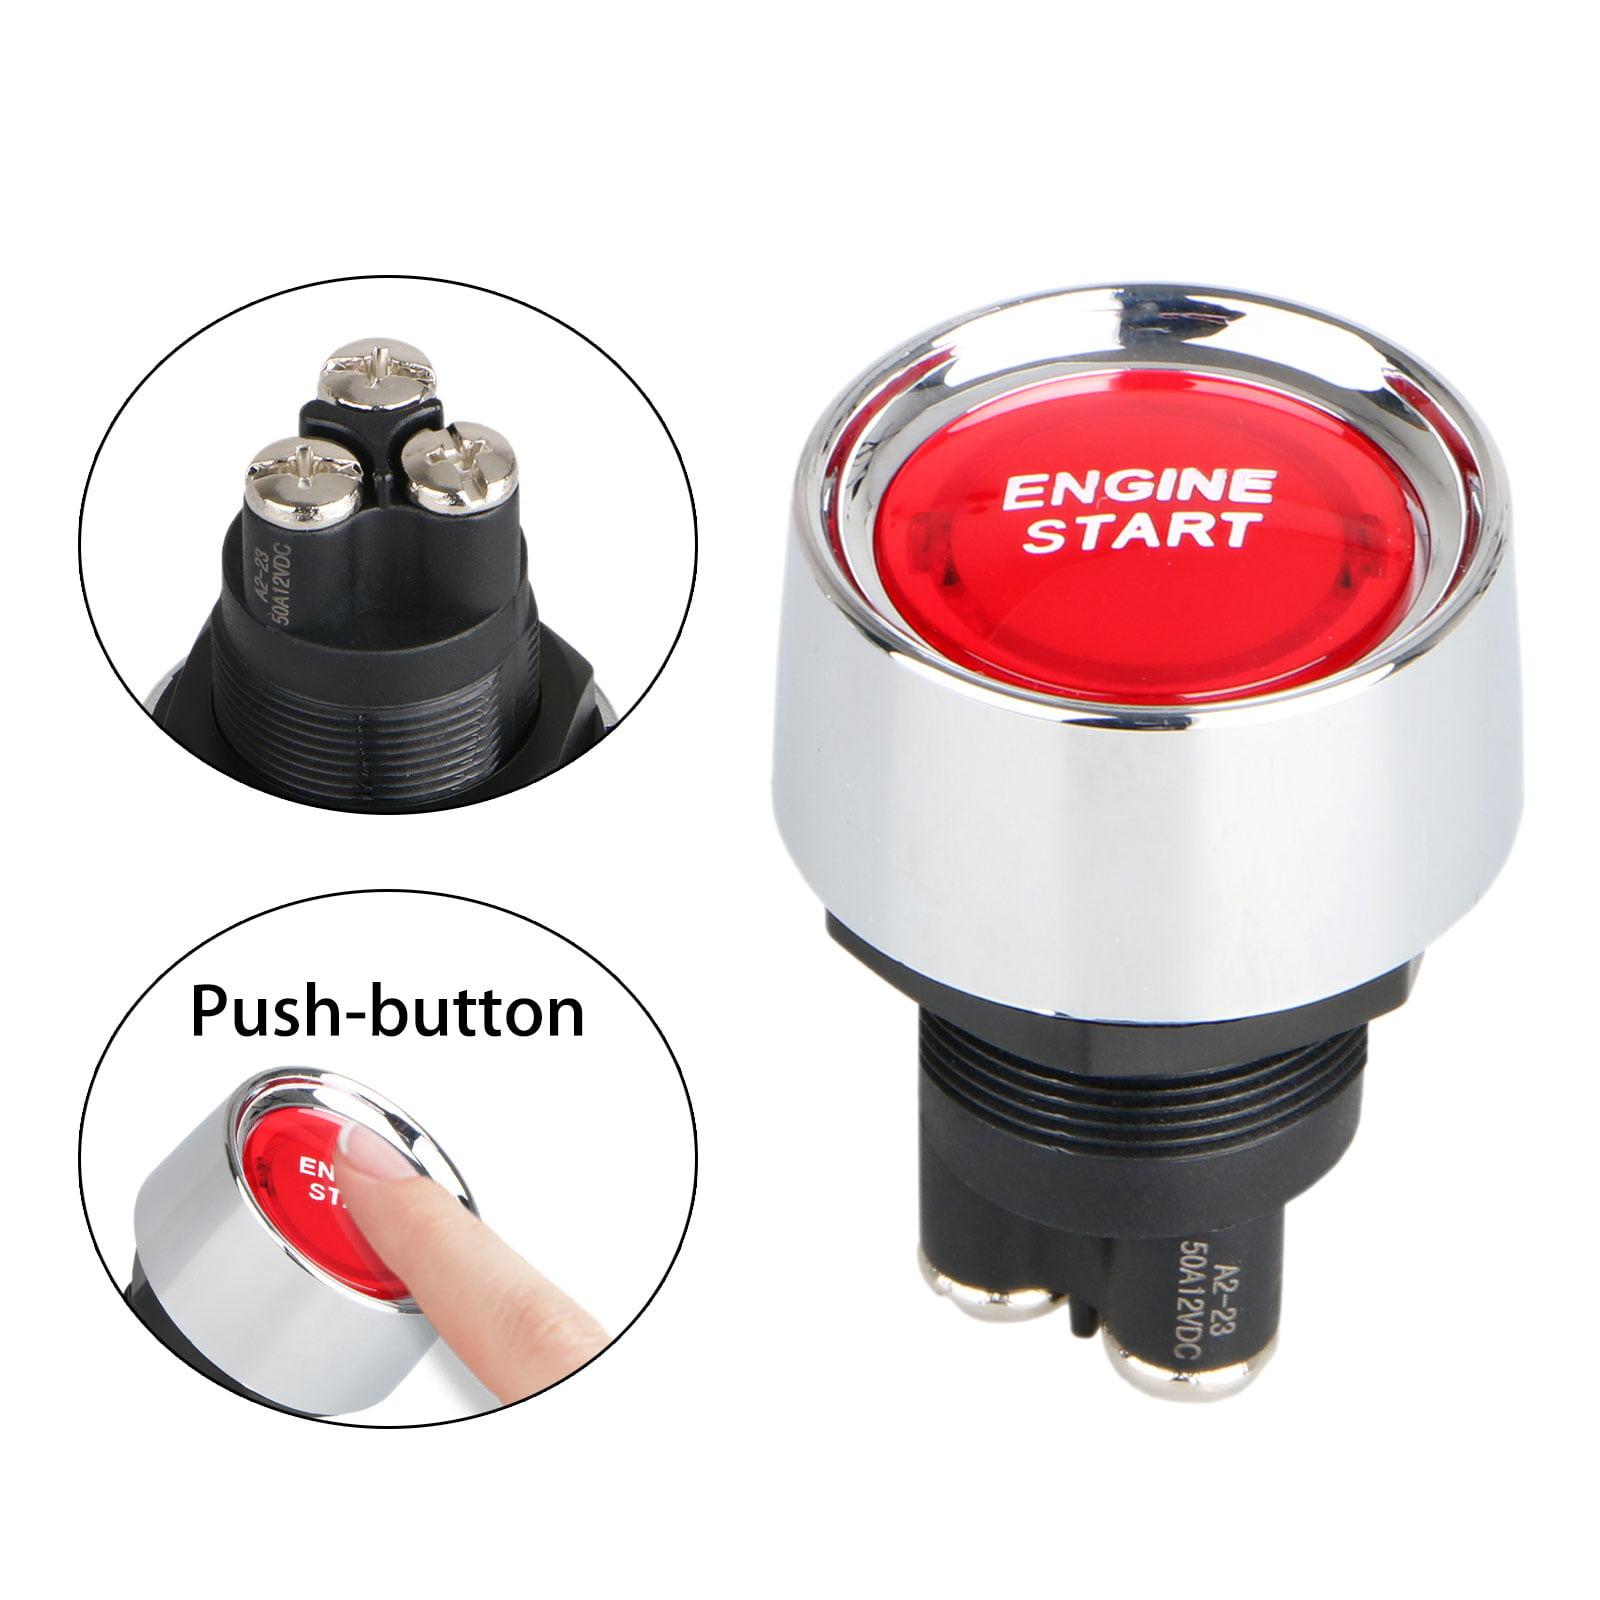 12V LED Illuminated Engine Start Switch Push Button Starter for Car Marine Boat